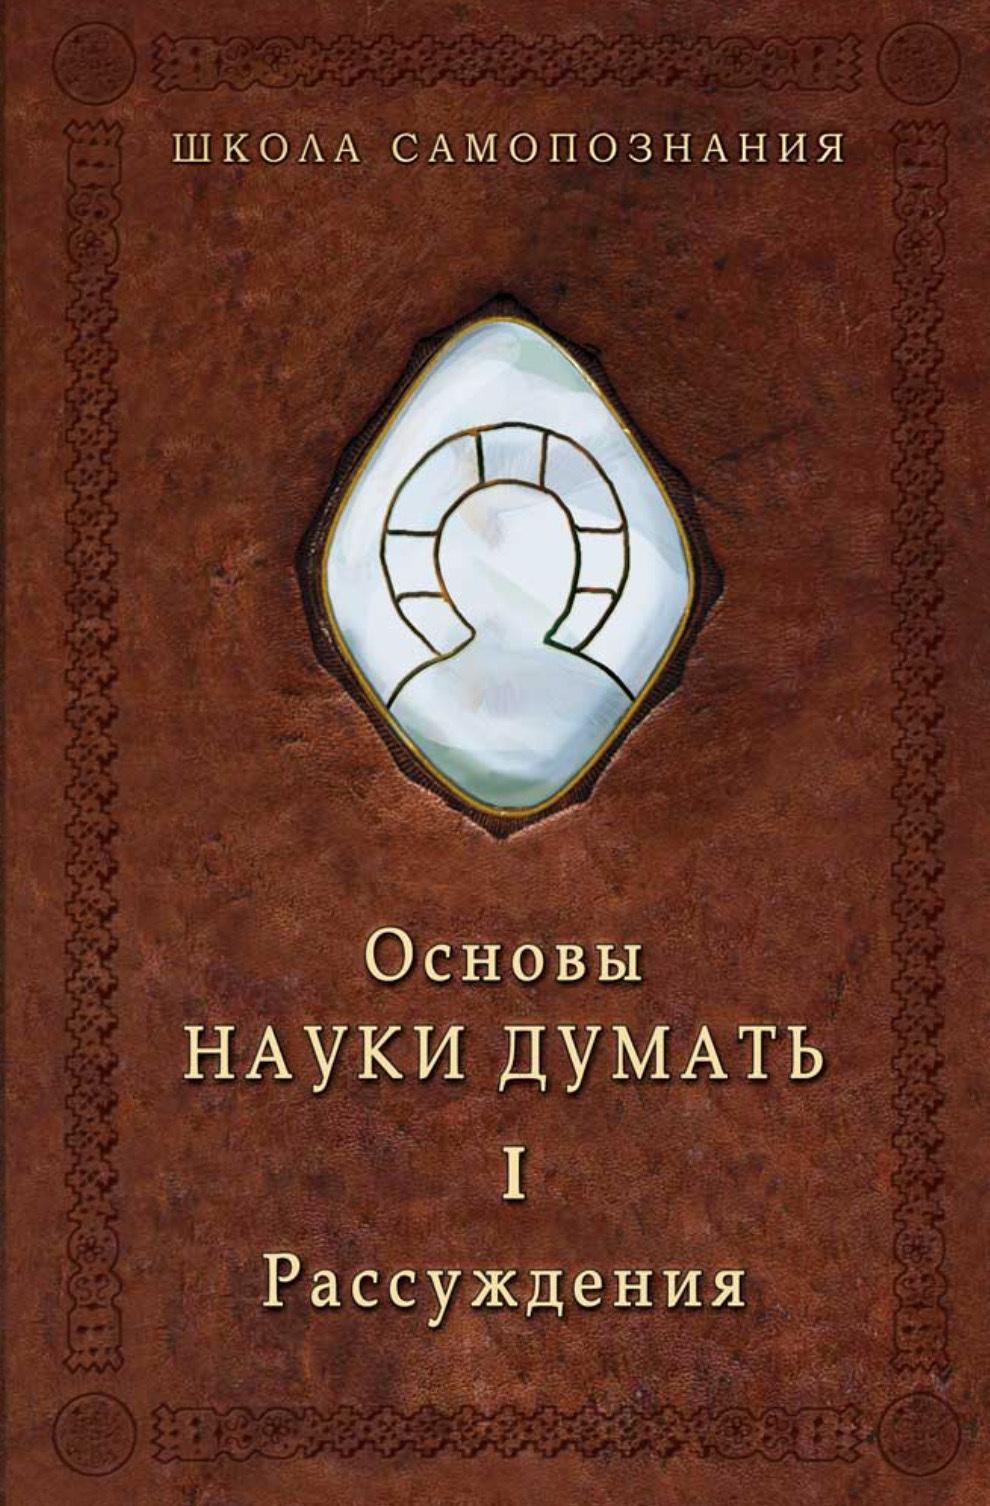 Основы Науки думать. Книга 1. Рассуждения